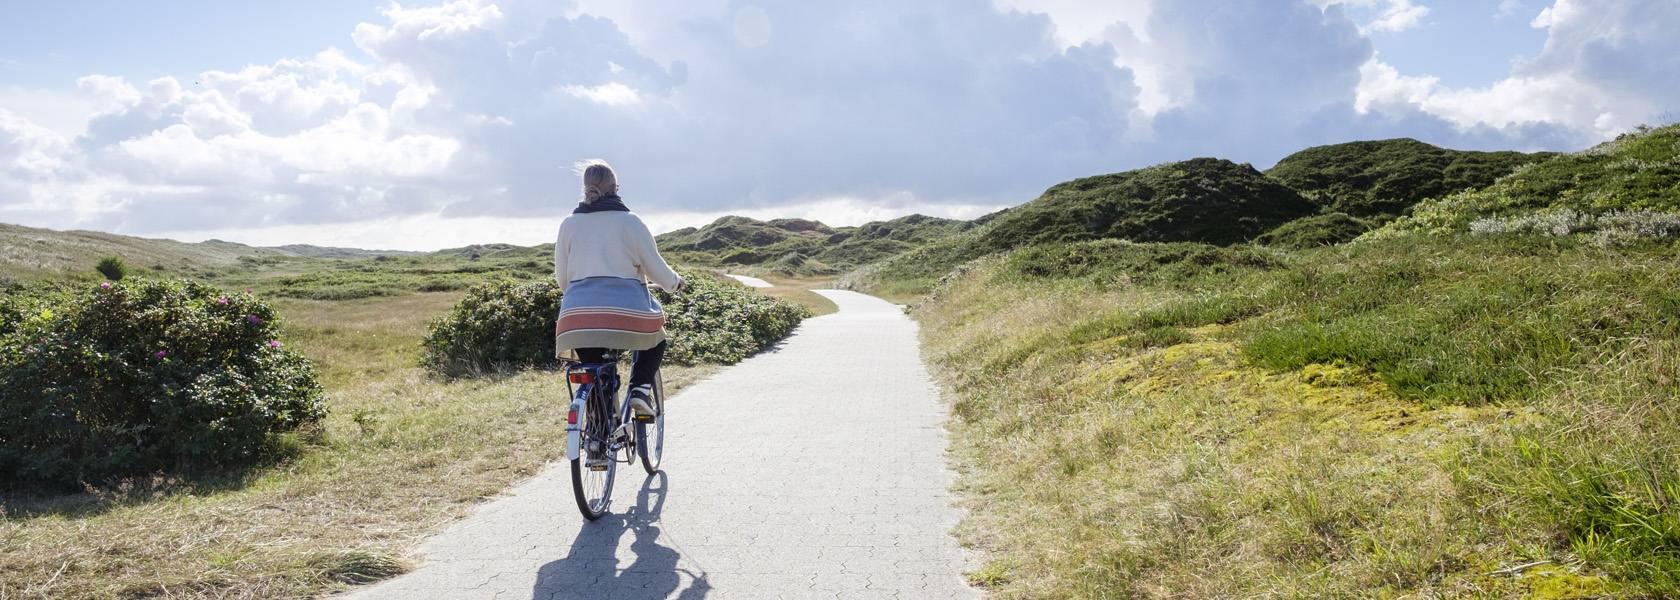 Fahrt zur Melkhörndüne, © Tourismus-Service Langeoog